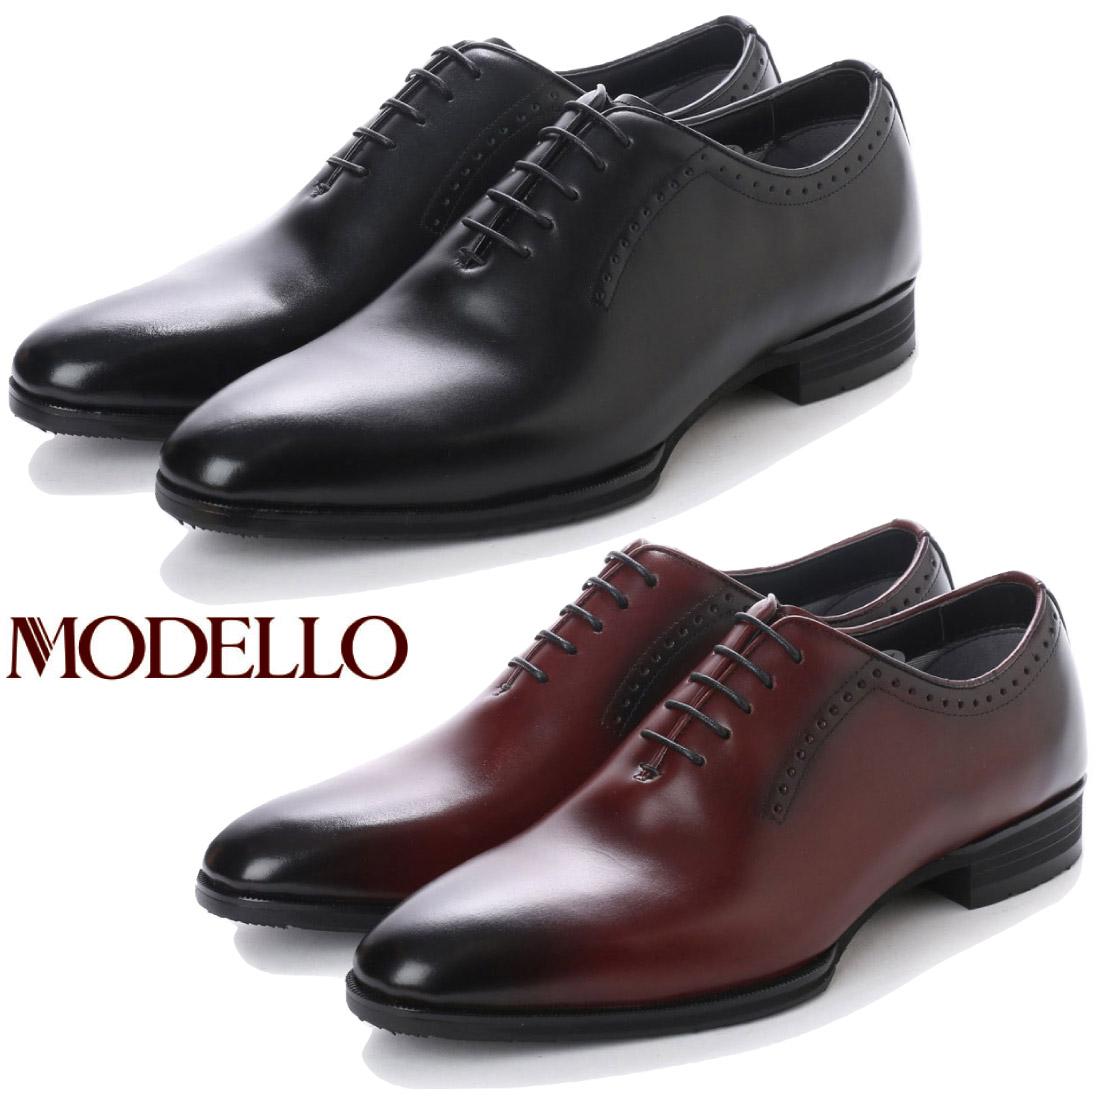 モデロ MODELLO ラウンドトゥ ビジネスシューズ DM8002 マドラス 革靴 防水 【nesh】 【新品】